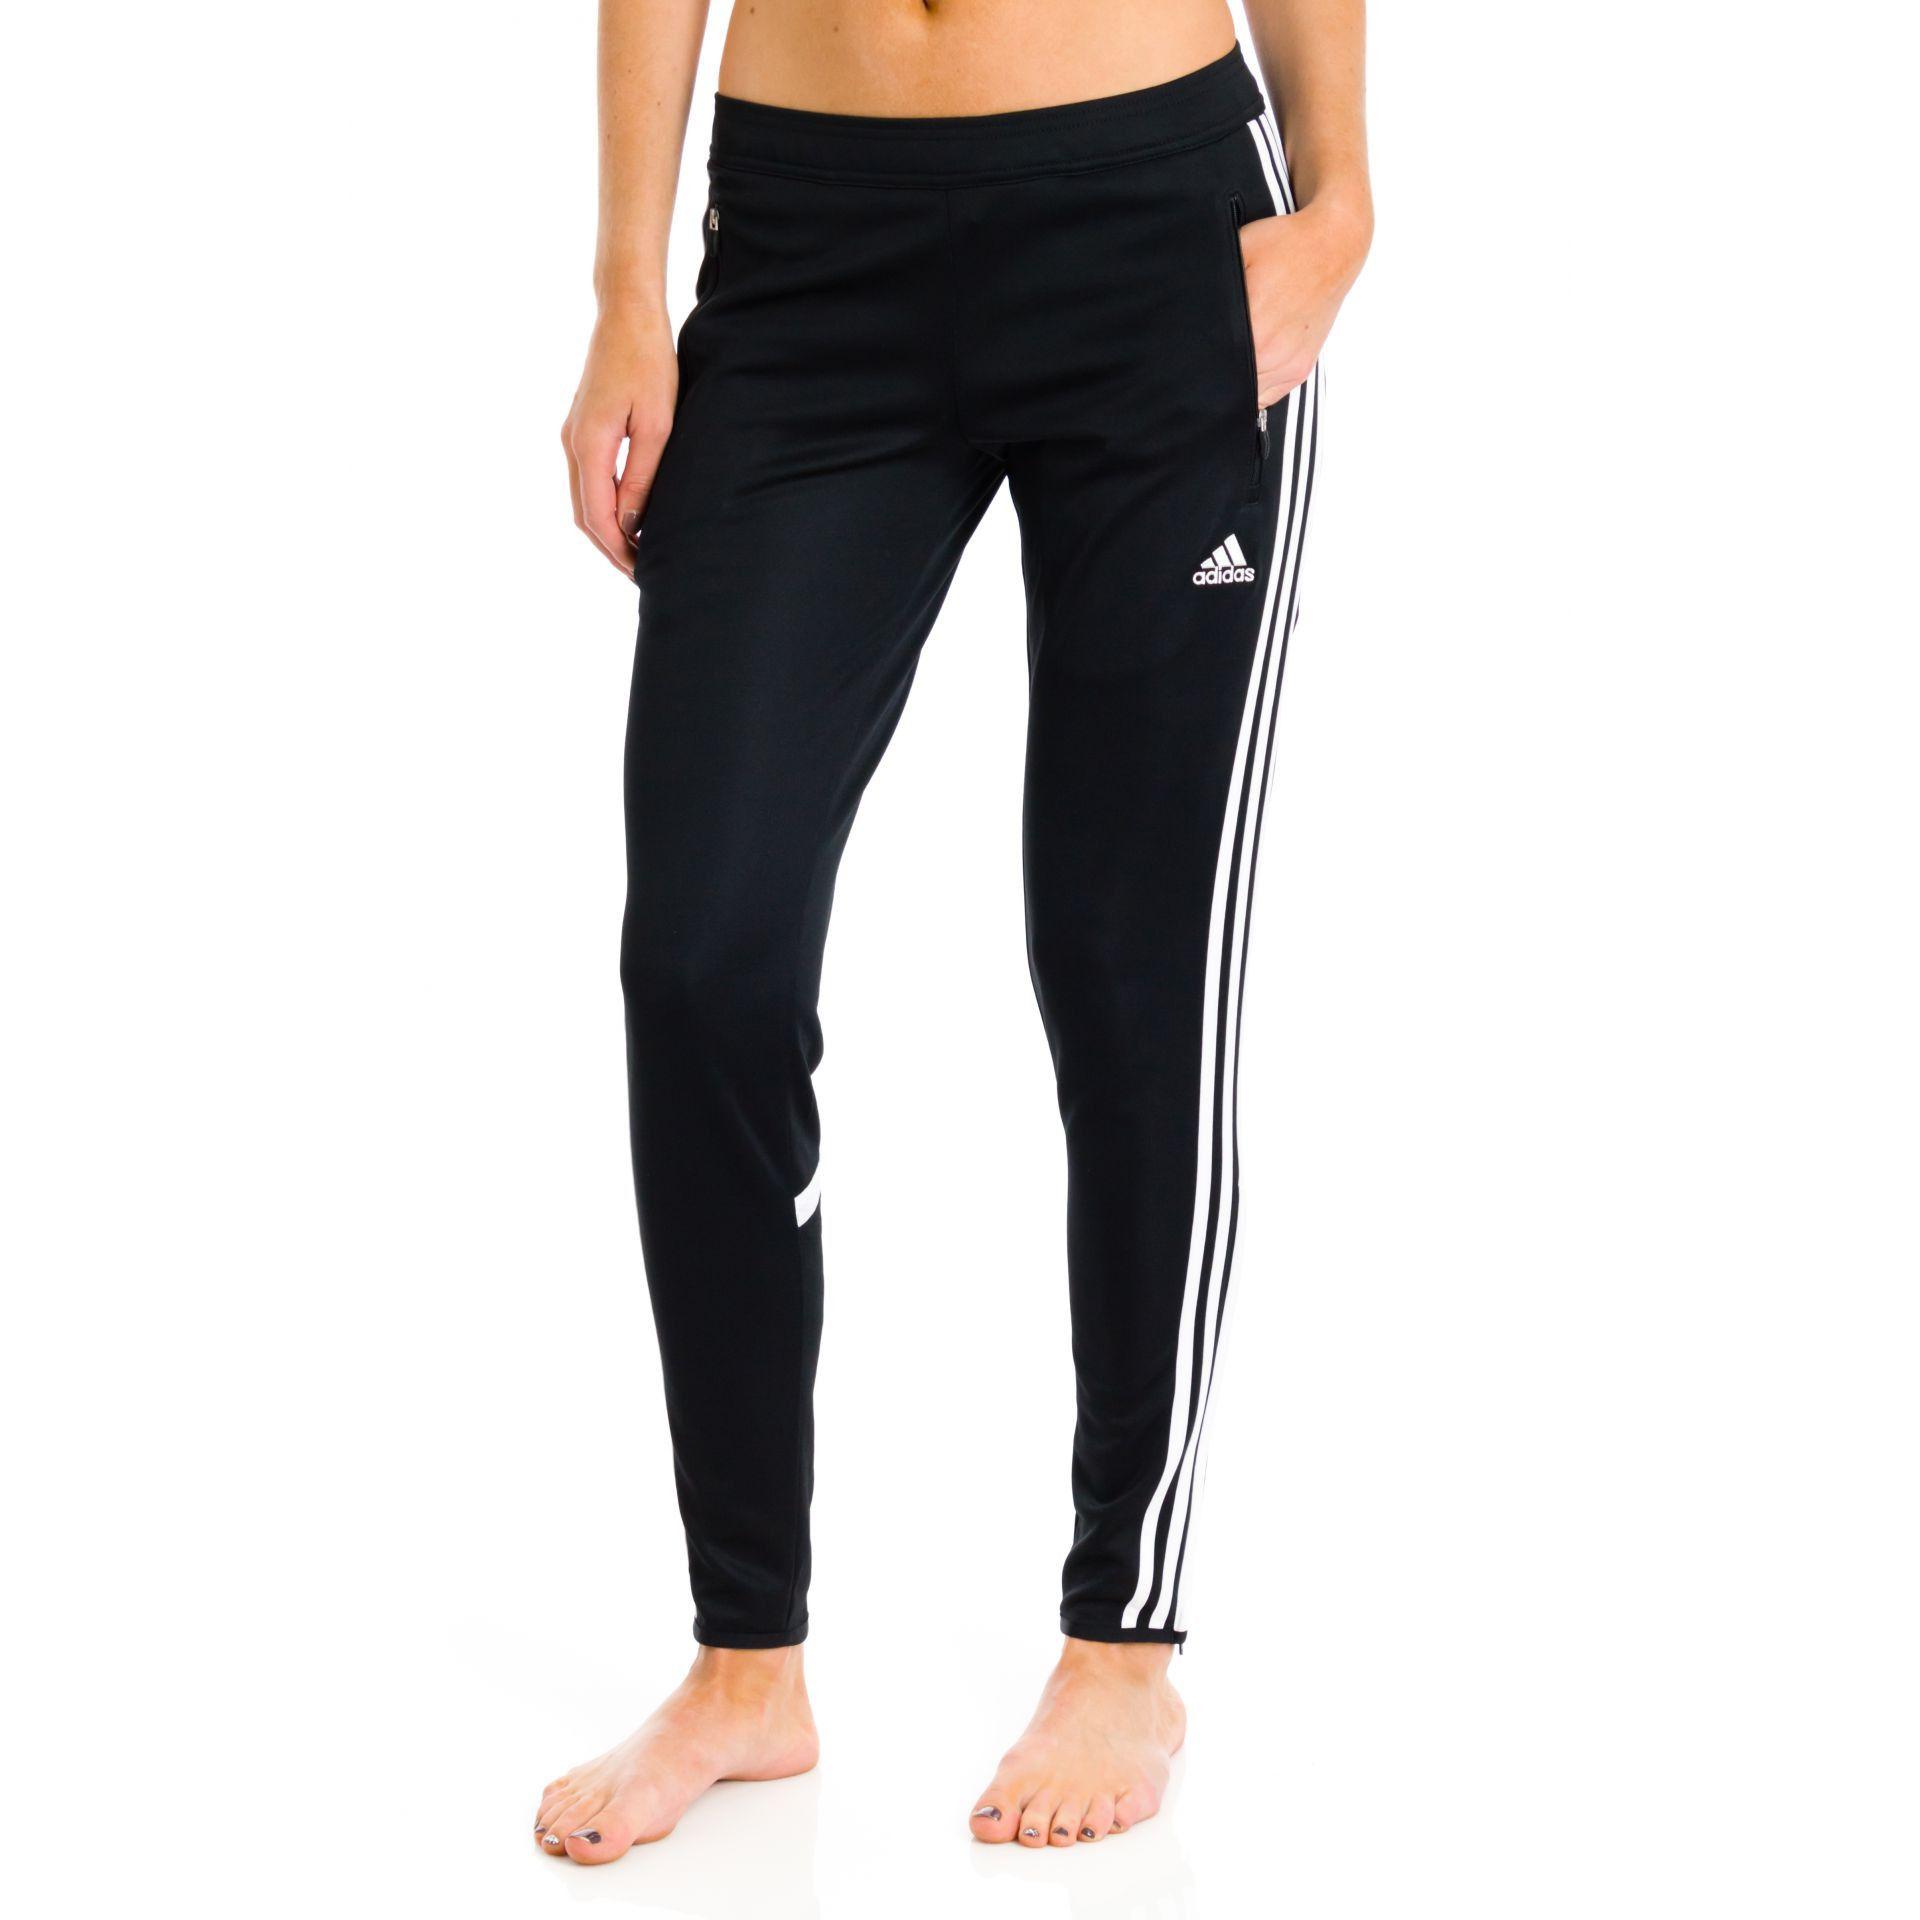 Adidas Donne Condivo 14 Formazione Formazione I Pantaloni Addosso, Adidas